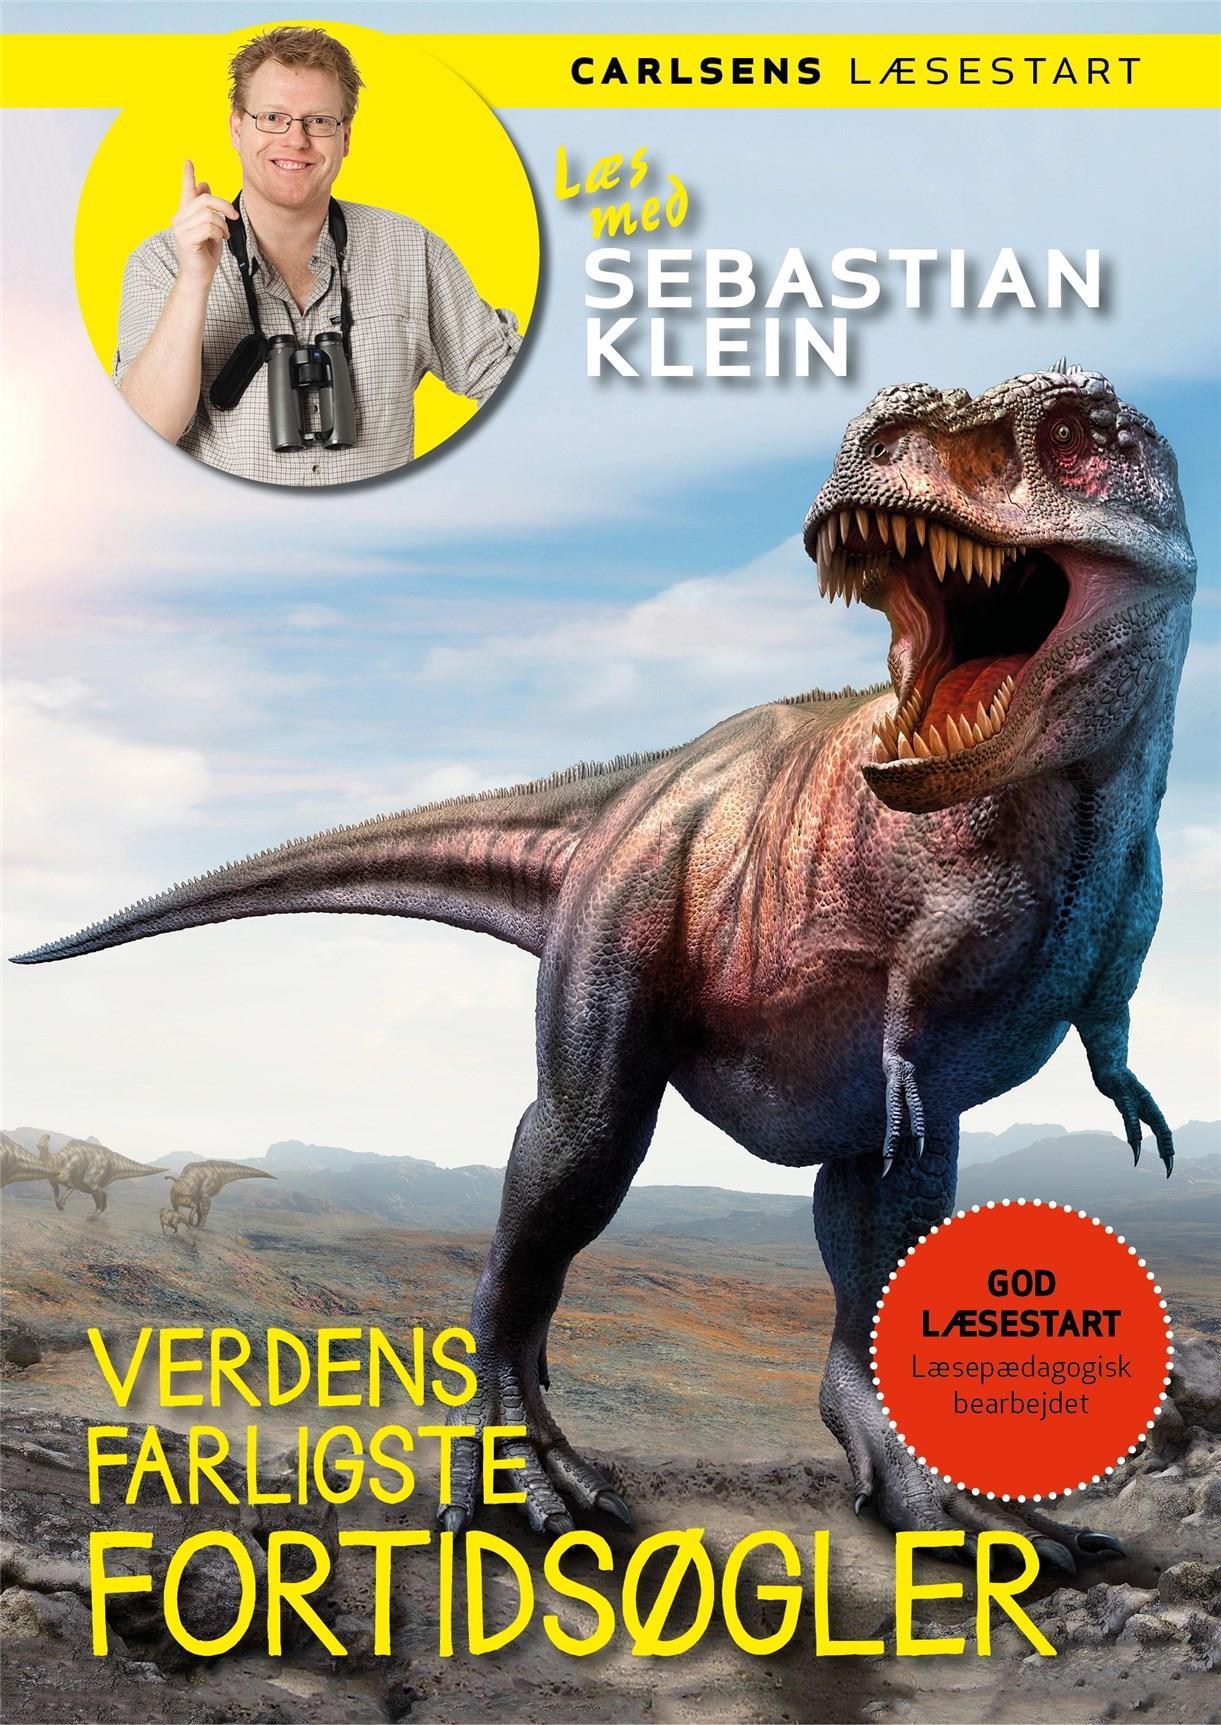 Læs med Sebastian Klein: Læs med Sebastian Klein: Verdens farligste fortidsøgler - Sebastian Klein - Bøger - CARLSEN - 9788711919835 - 17/3-2020